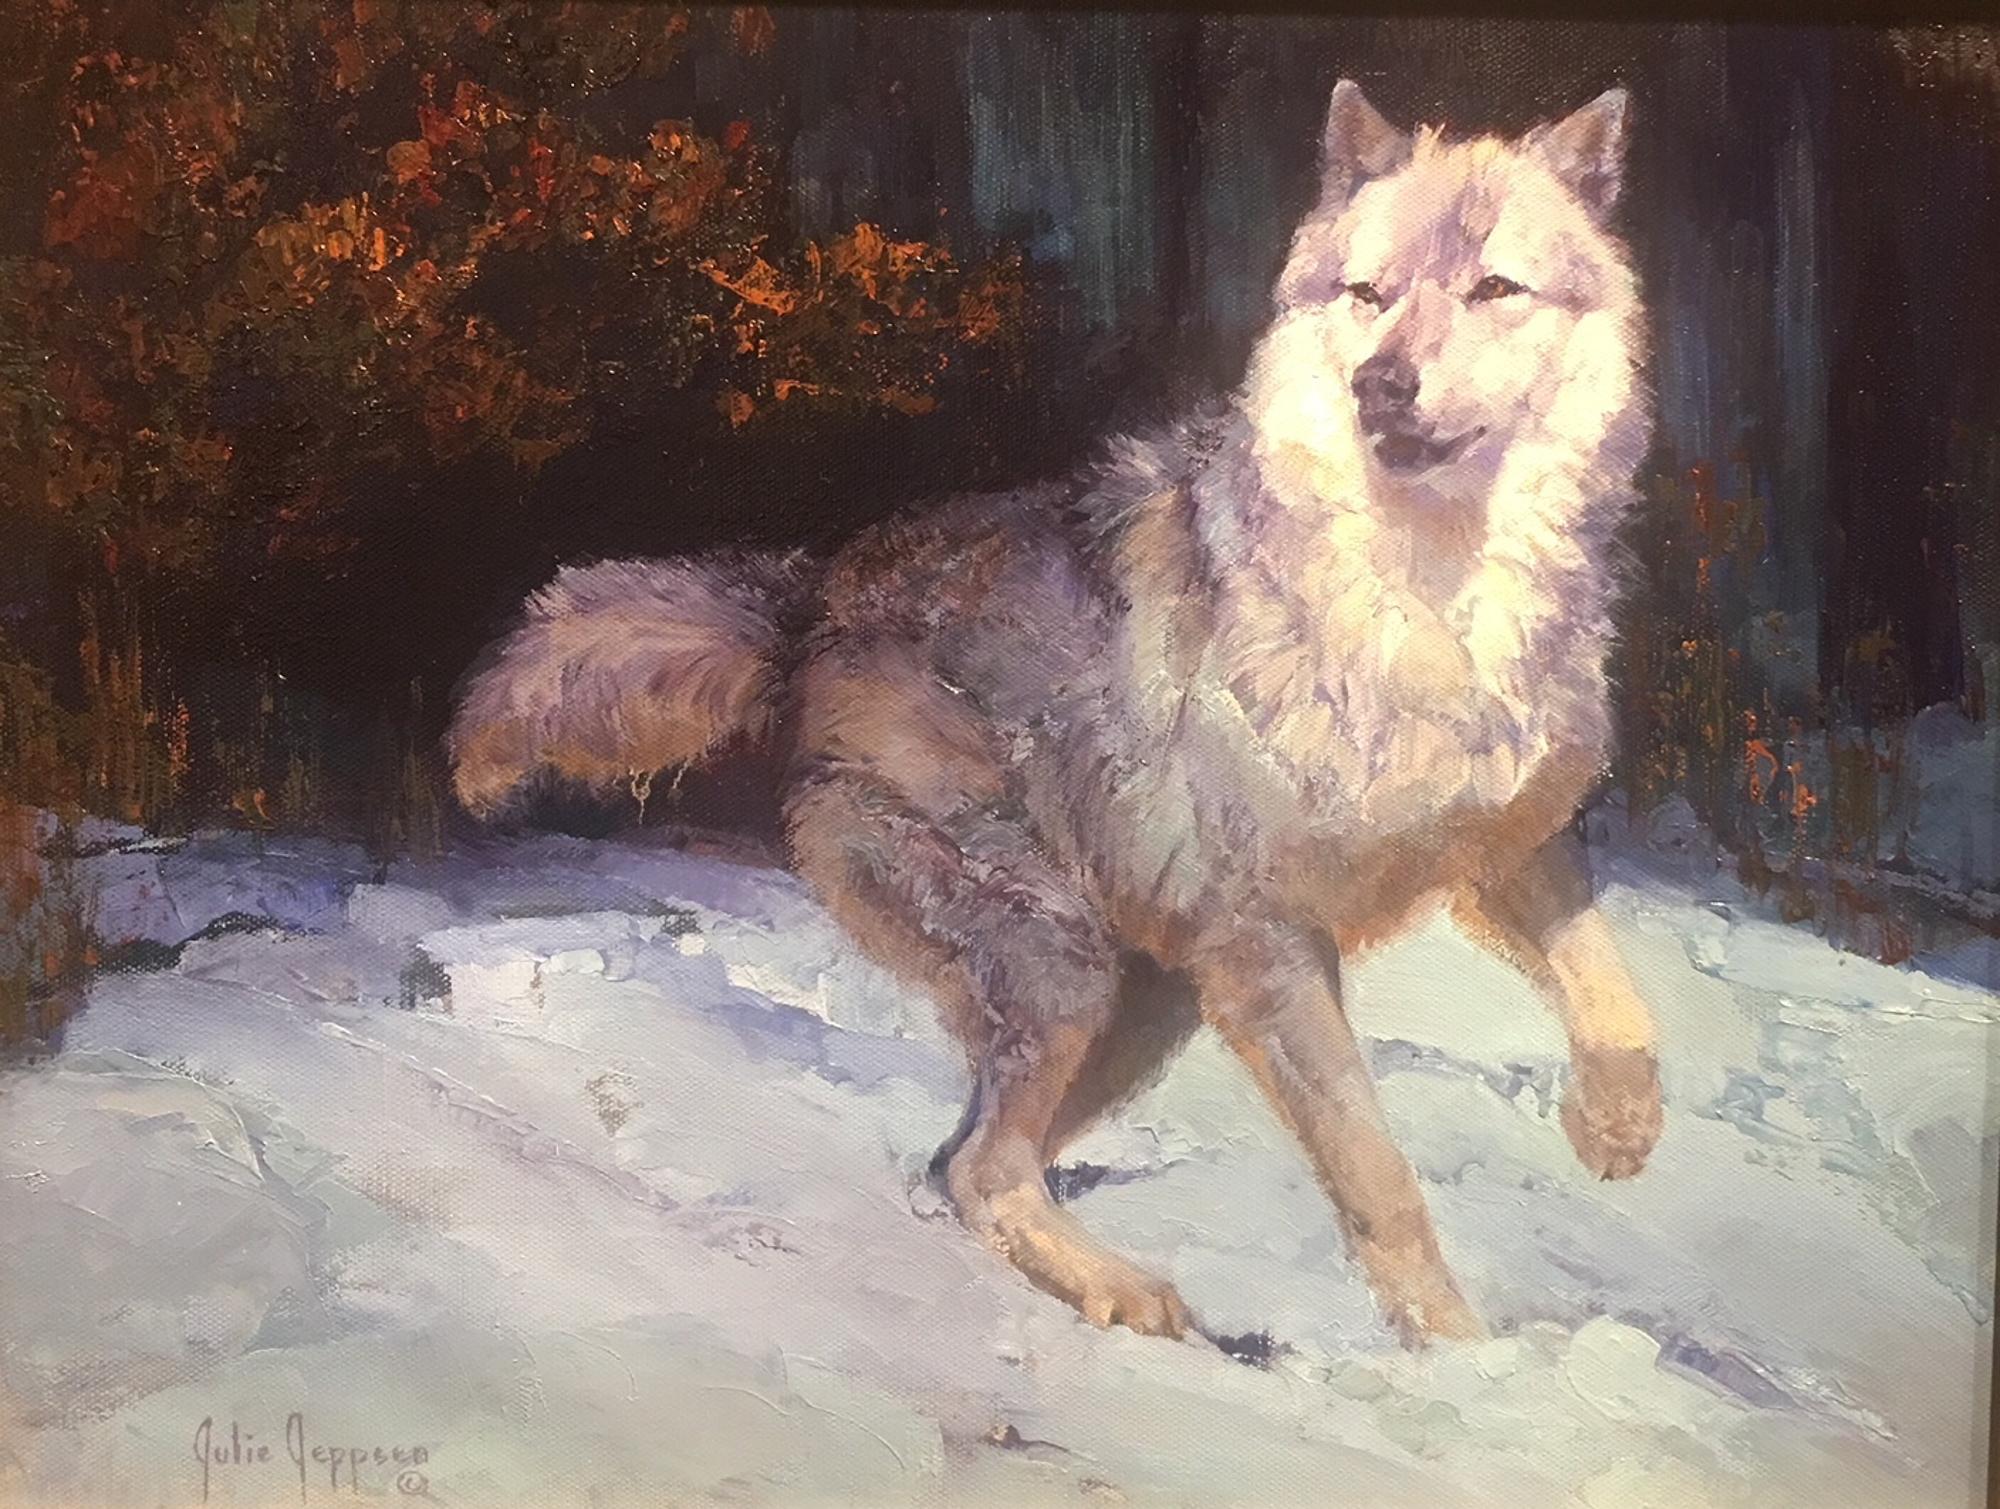 Moonlit (Wolf) by Julie Jeppsen